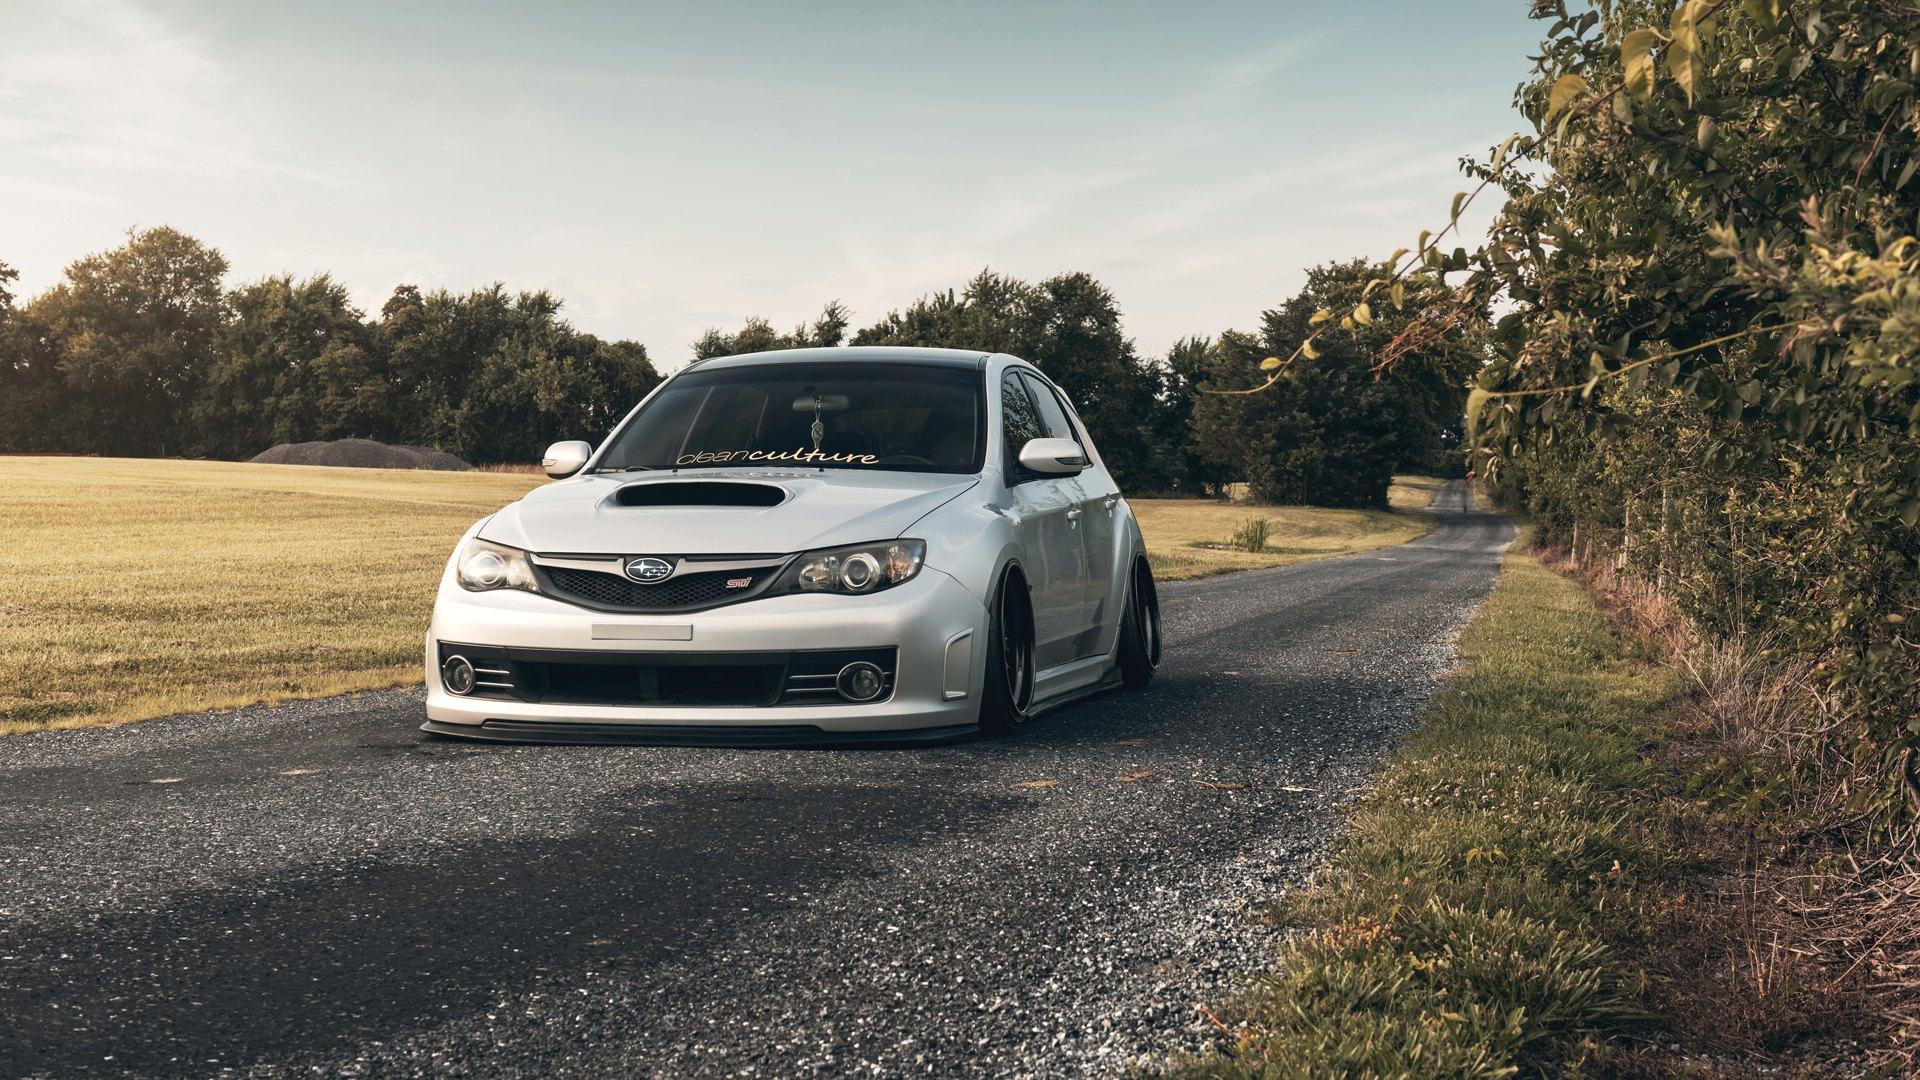 Custom 2013 Subaru WRX | Images, Mods, Photos, Upgrades ...